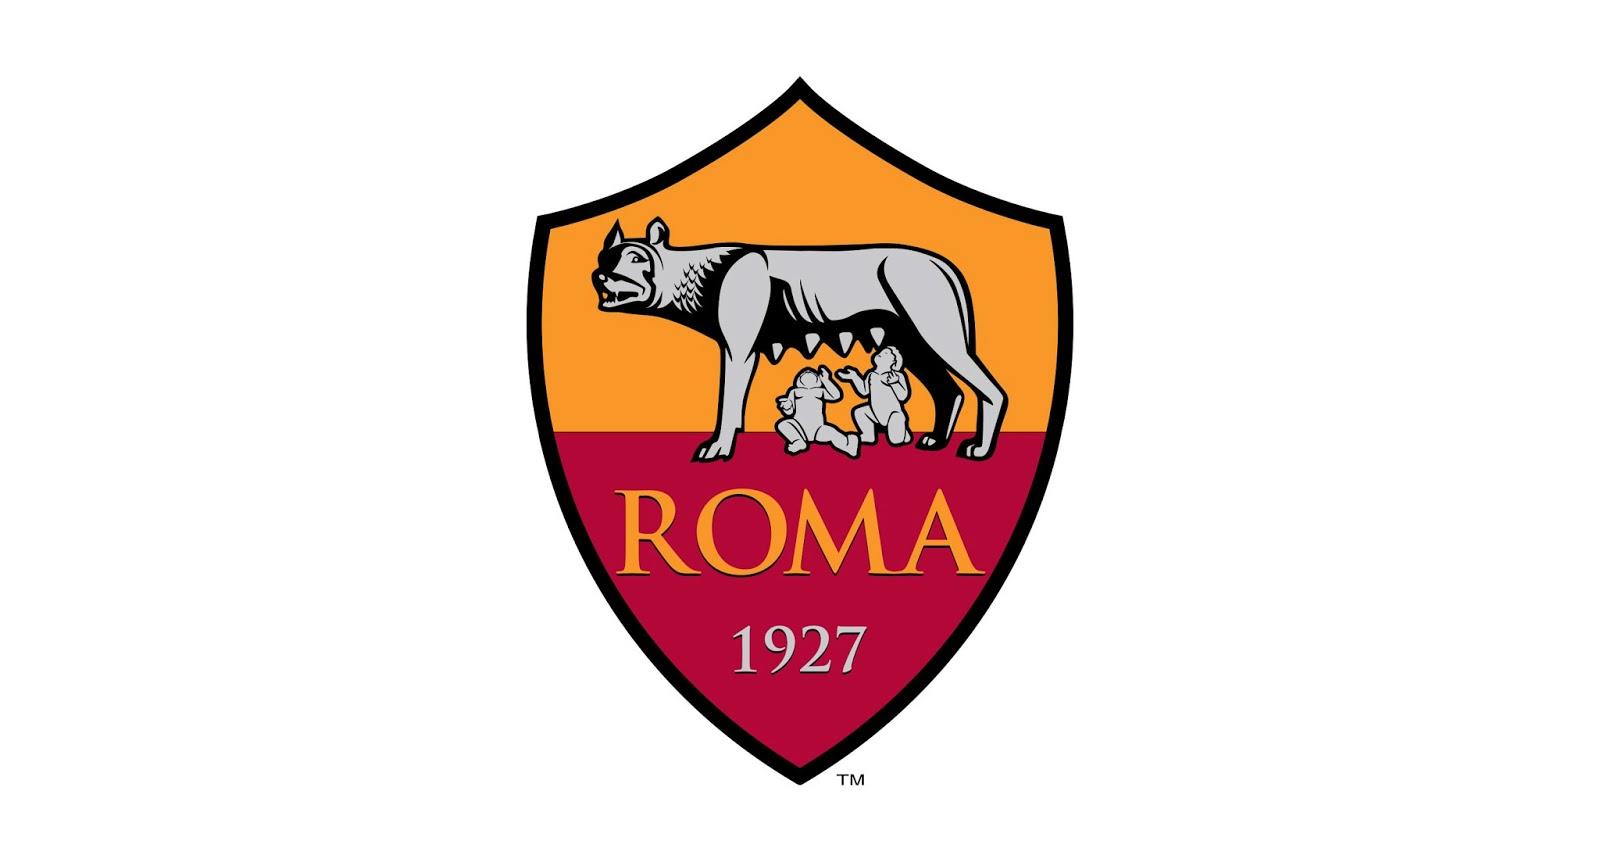 Afbeeldingsresultaten voor as roma logo